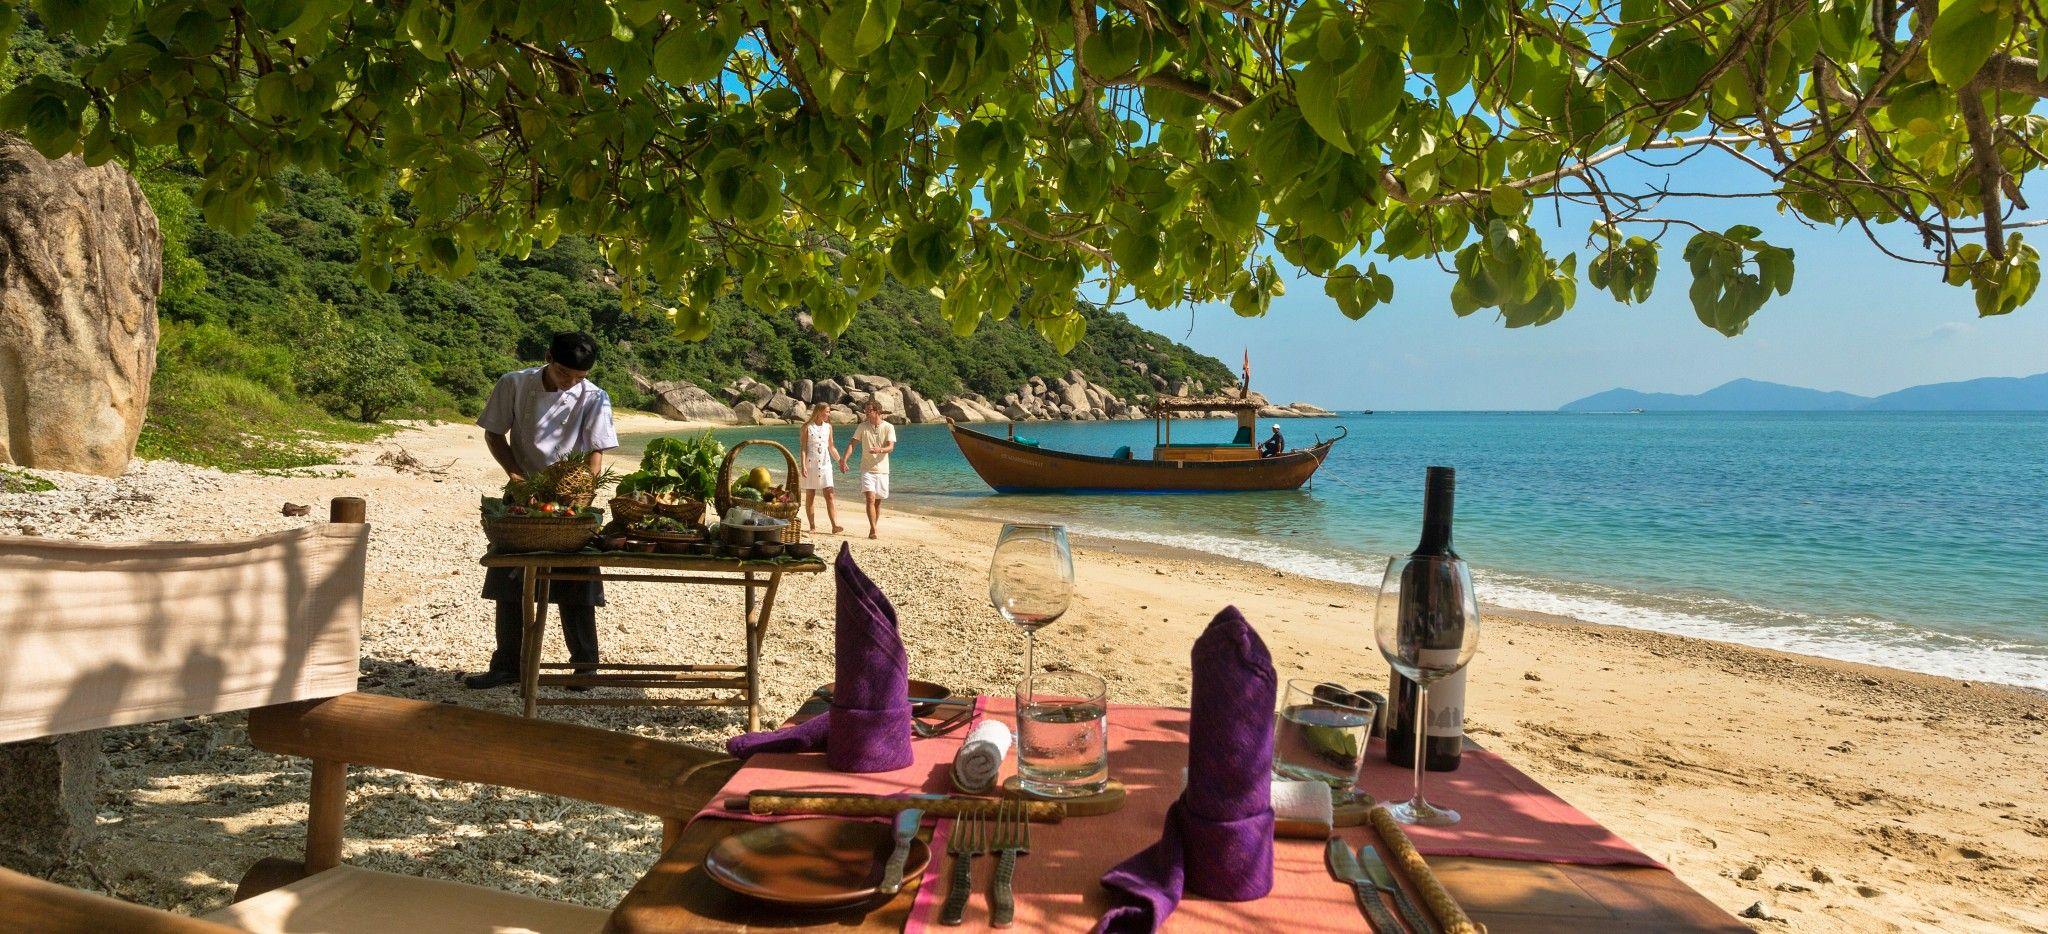 Vorbereitungen für ein privates Picnic am Strand